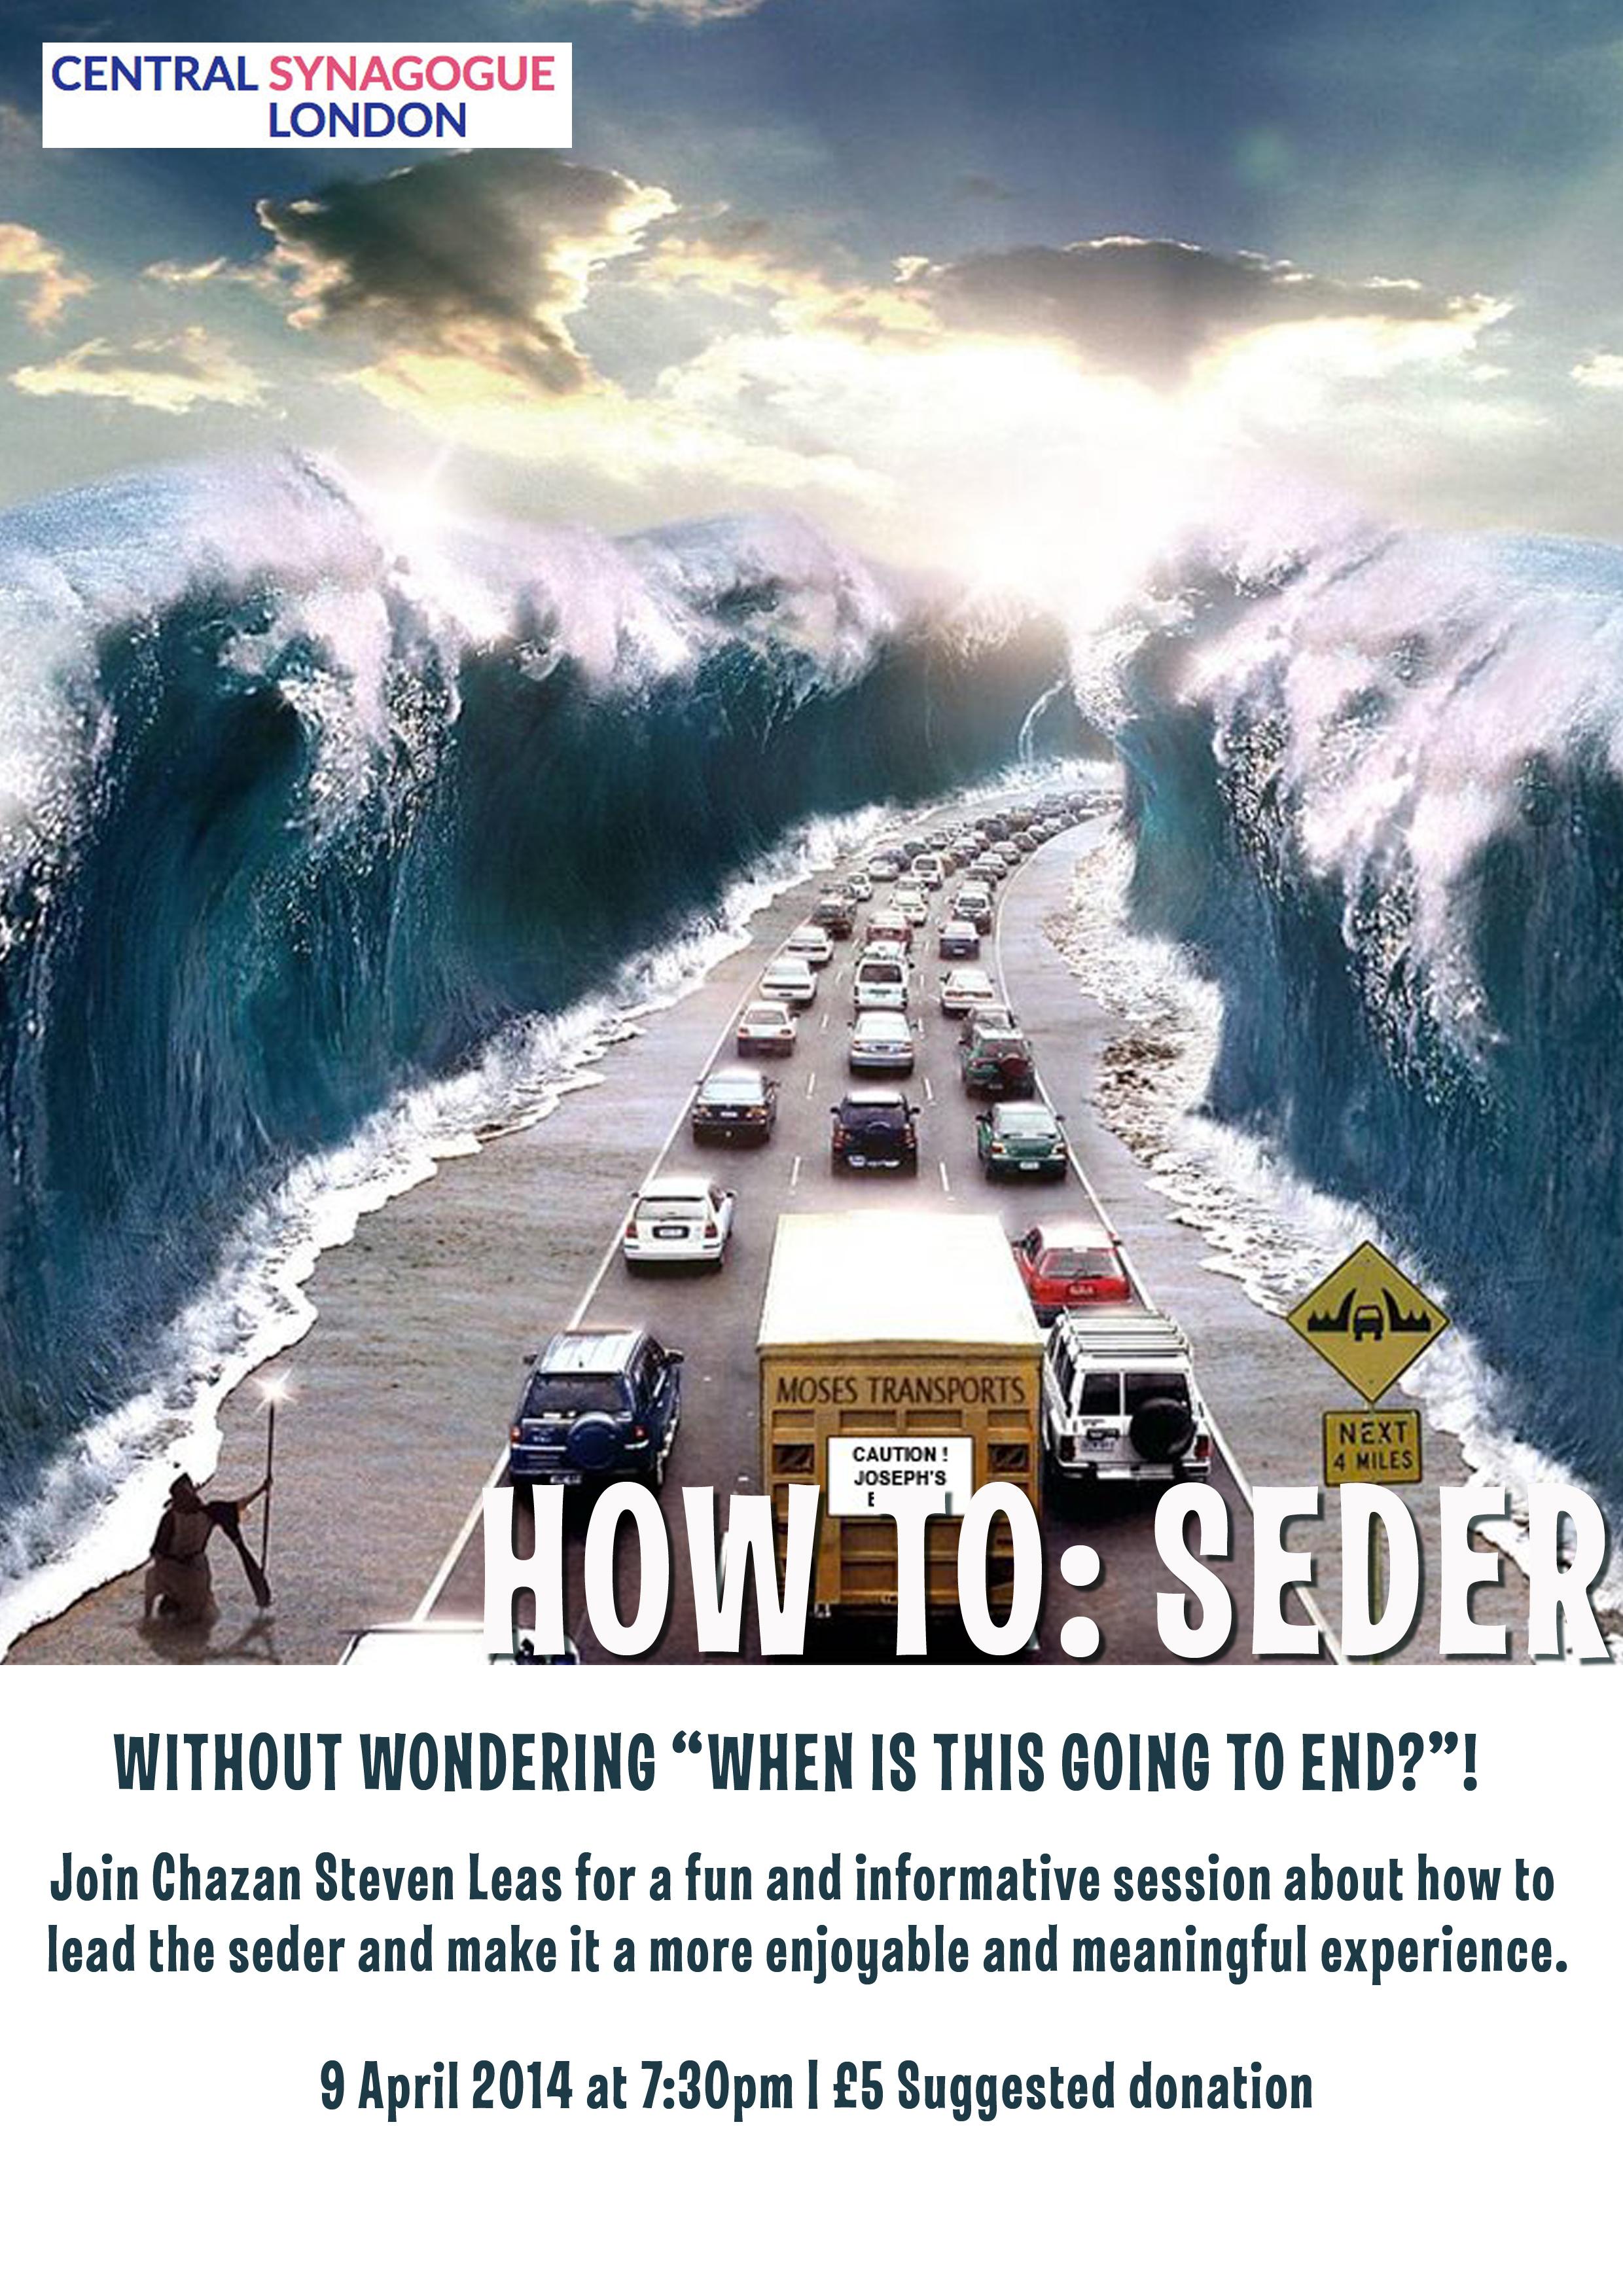 How to seder 2014 copy